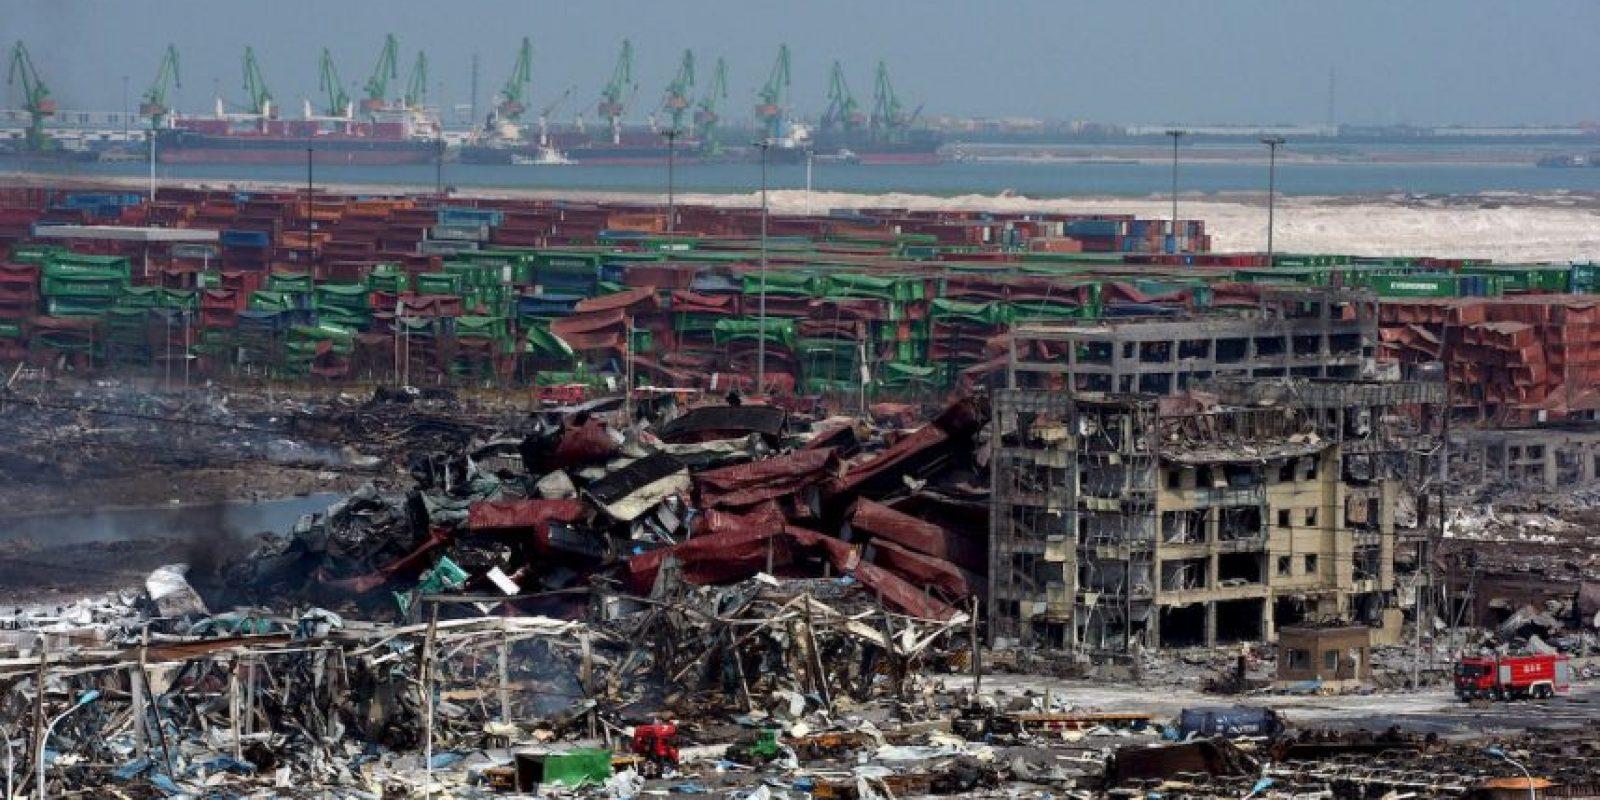 Lugar de la explosión en Tianjin, China. Foto:AFP